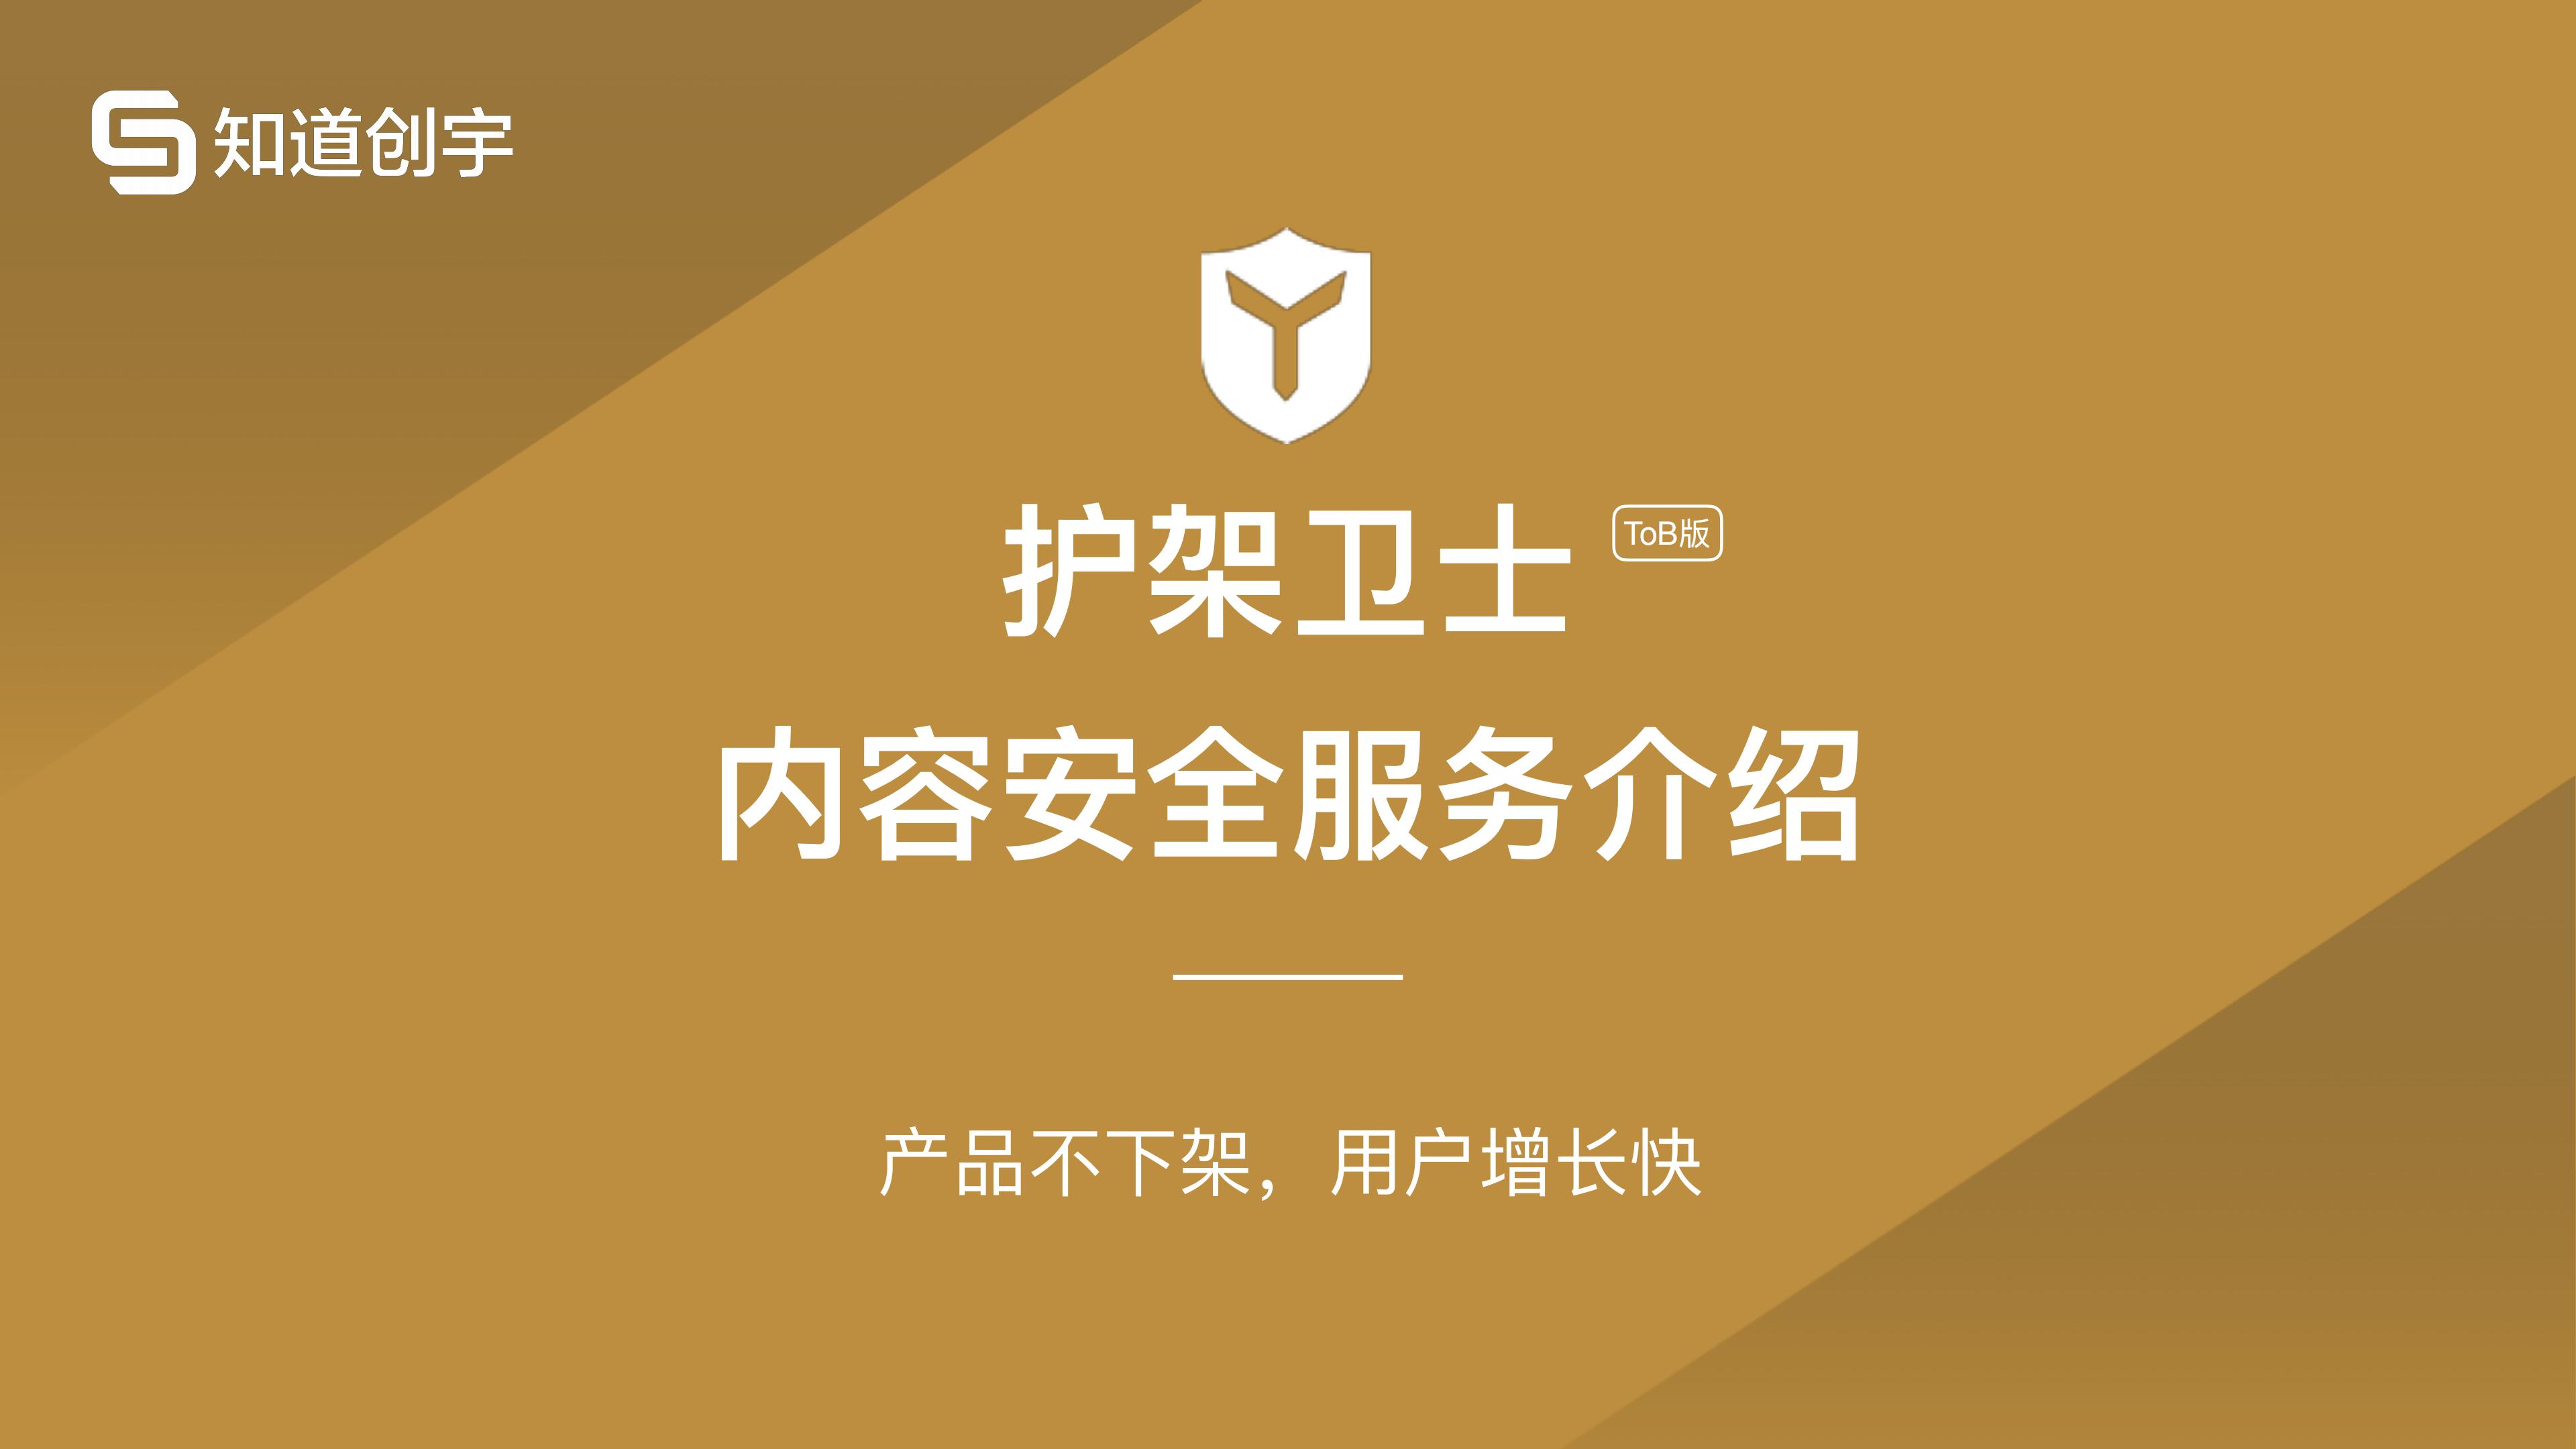 护架卫士产品介绍1.2_00.png